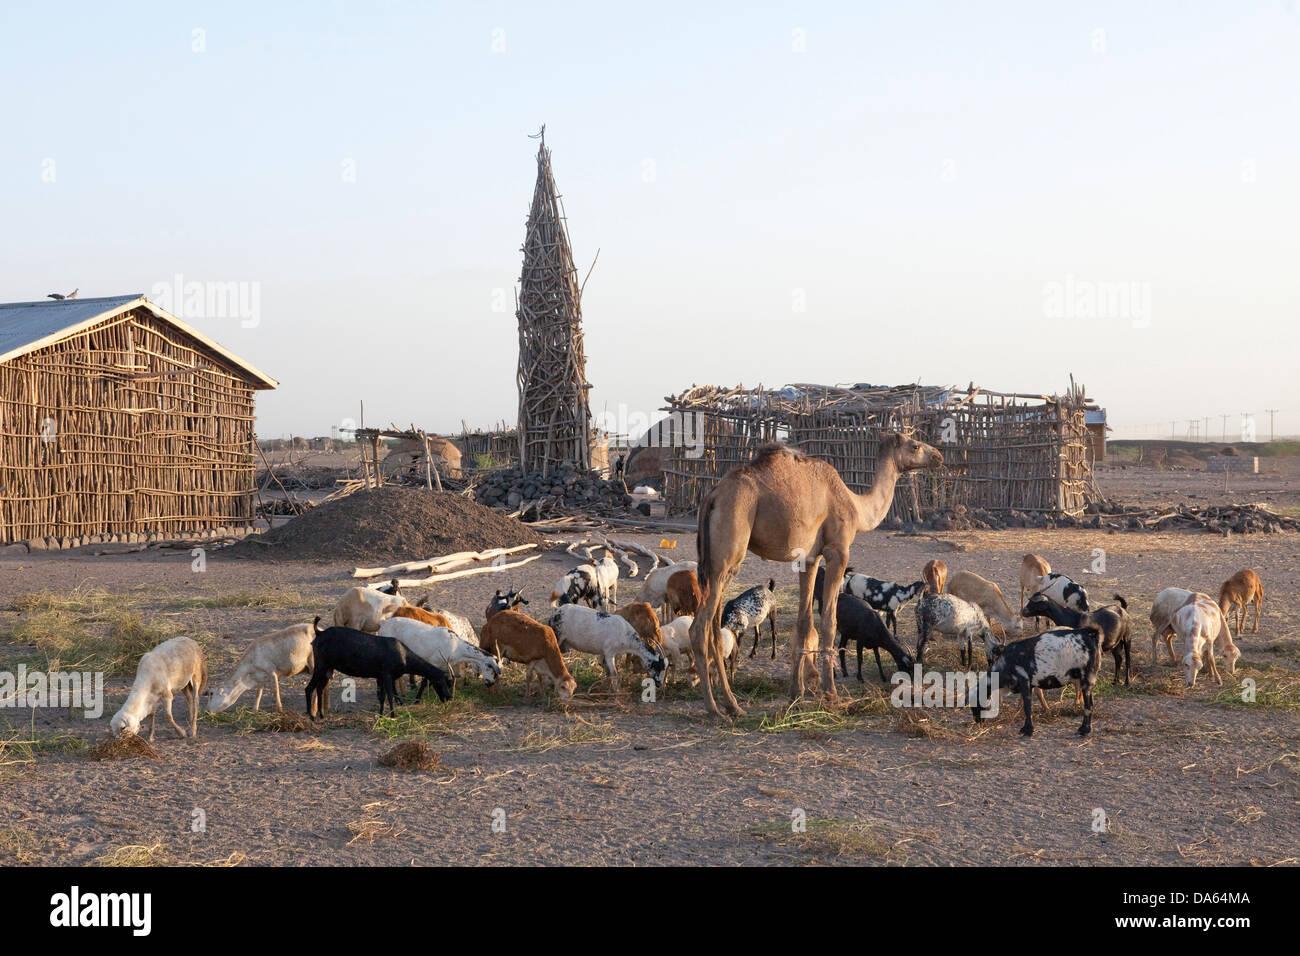 Dorf, Danakil, aus Holz, Afrika, Stadt, Stadt, Äthiopien, Minarett Stockbild